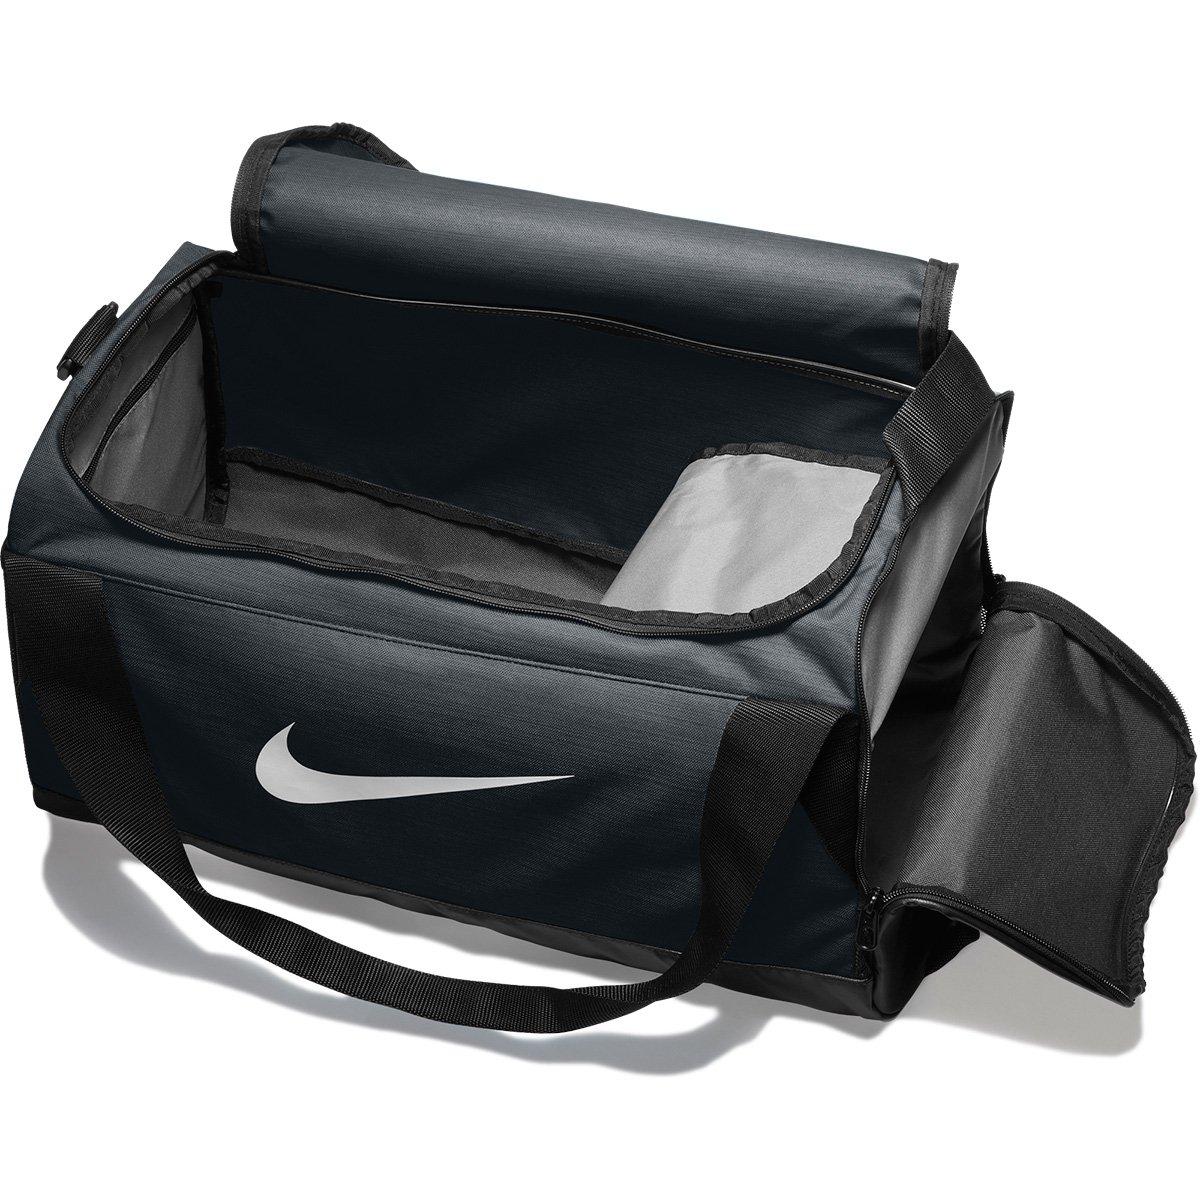 Brasília Nike Agora Compre E Branco Mala 2 Masculina Preto qSxw45OH